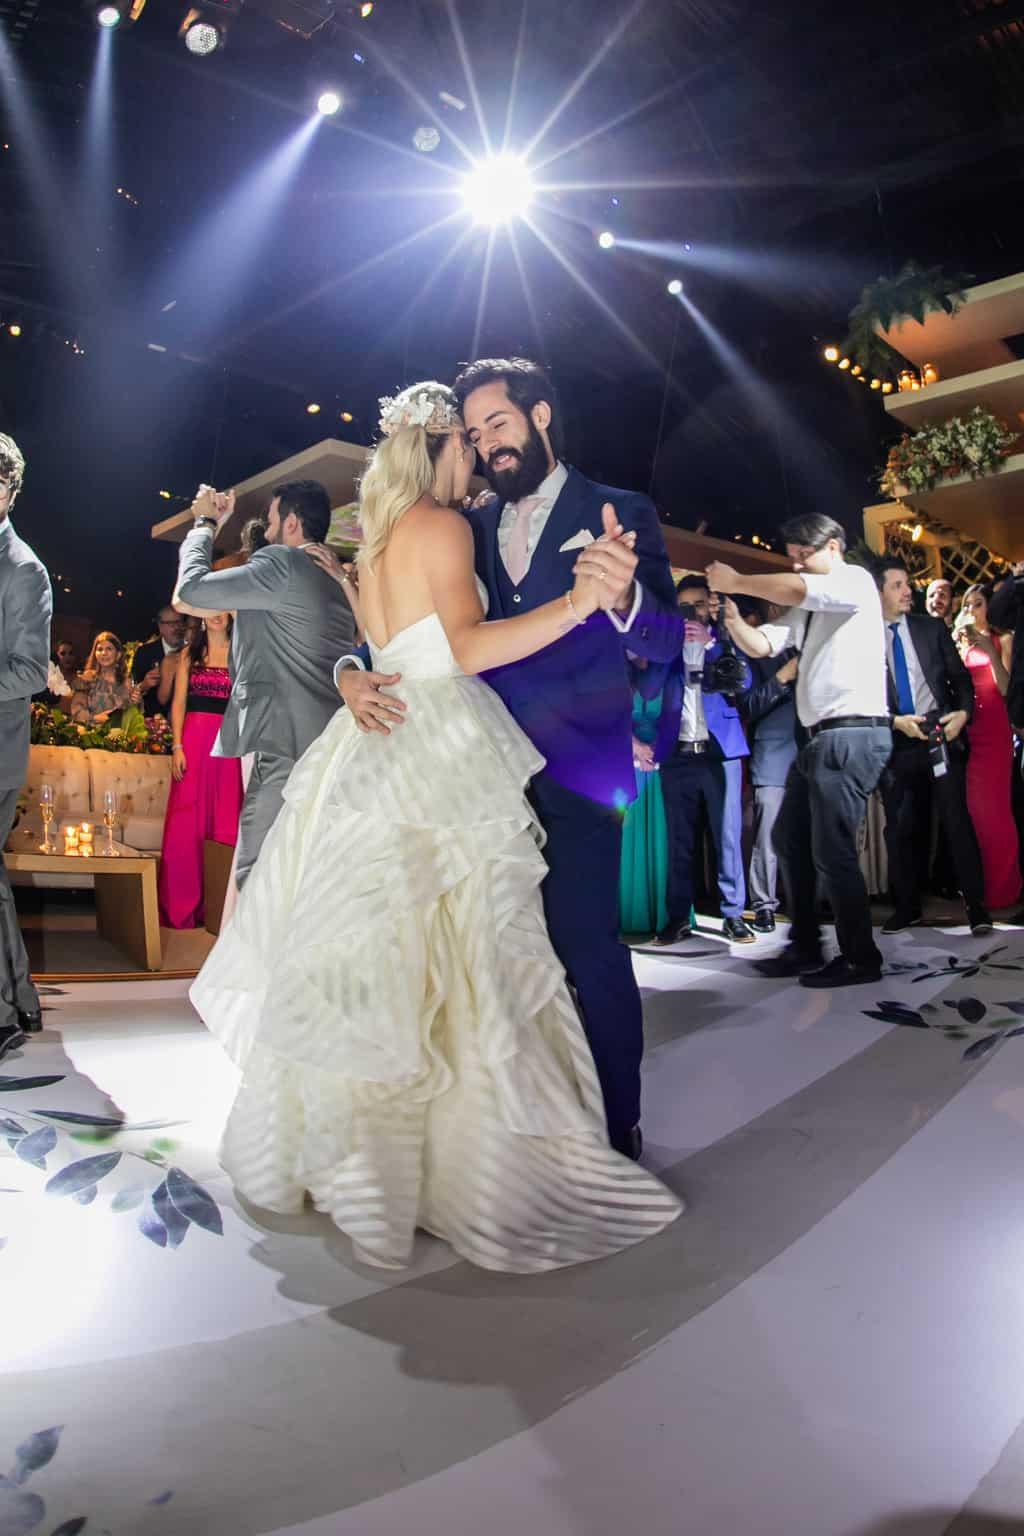 Casamento-Milene-e-Leonardo-danca-do-casal-decoracao-da-festa-Roberto-Tamer-terras-claras272